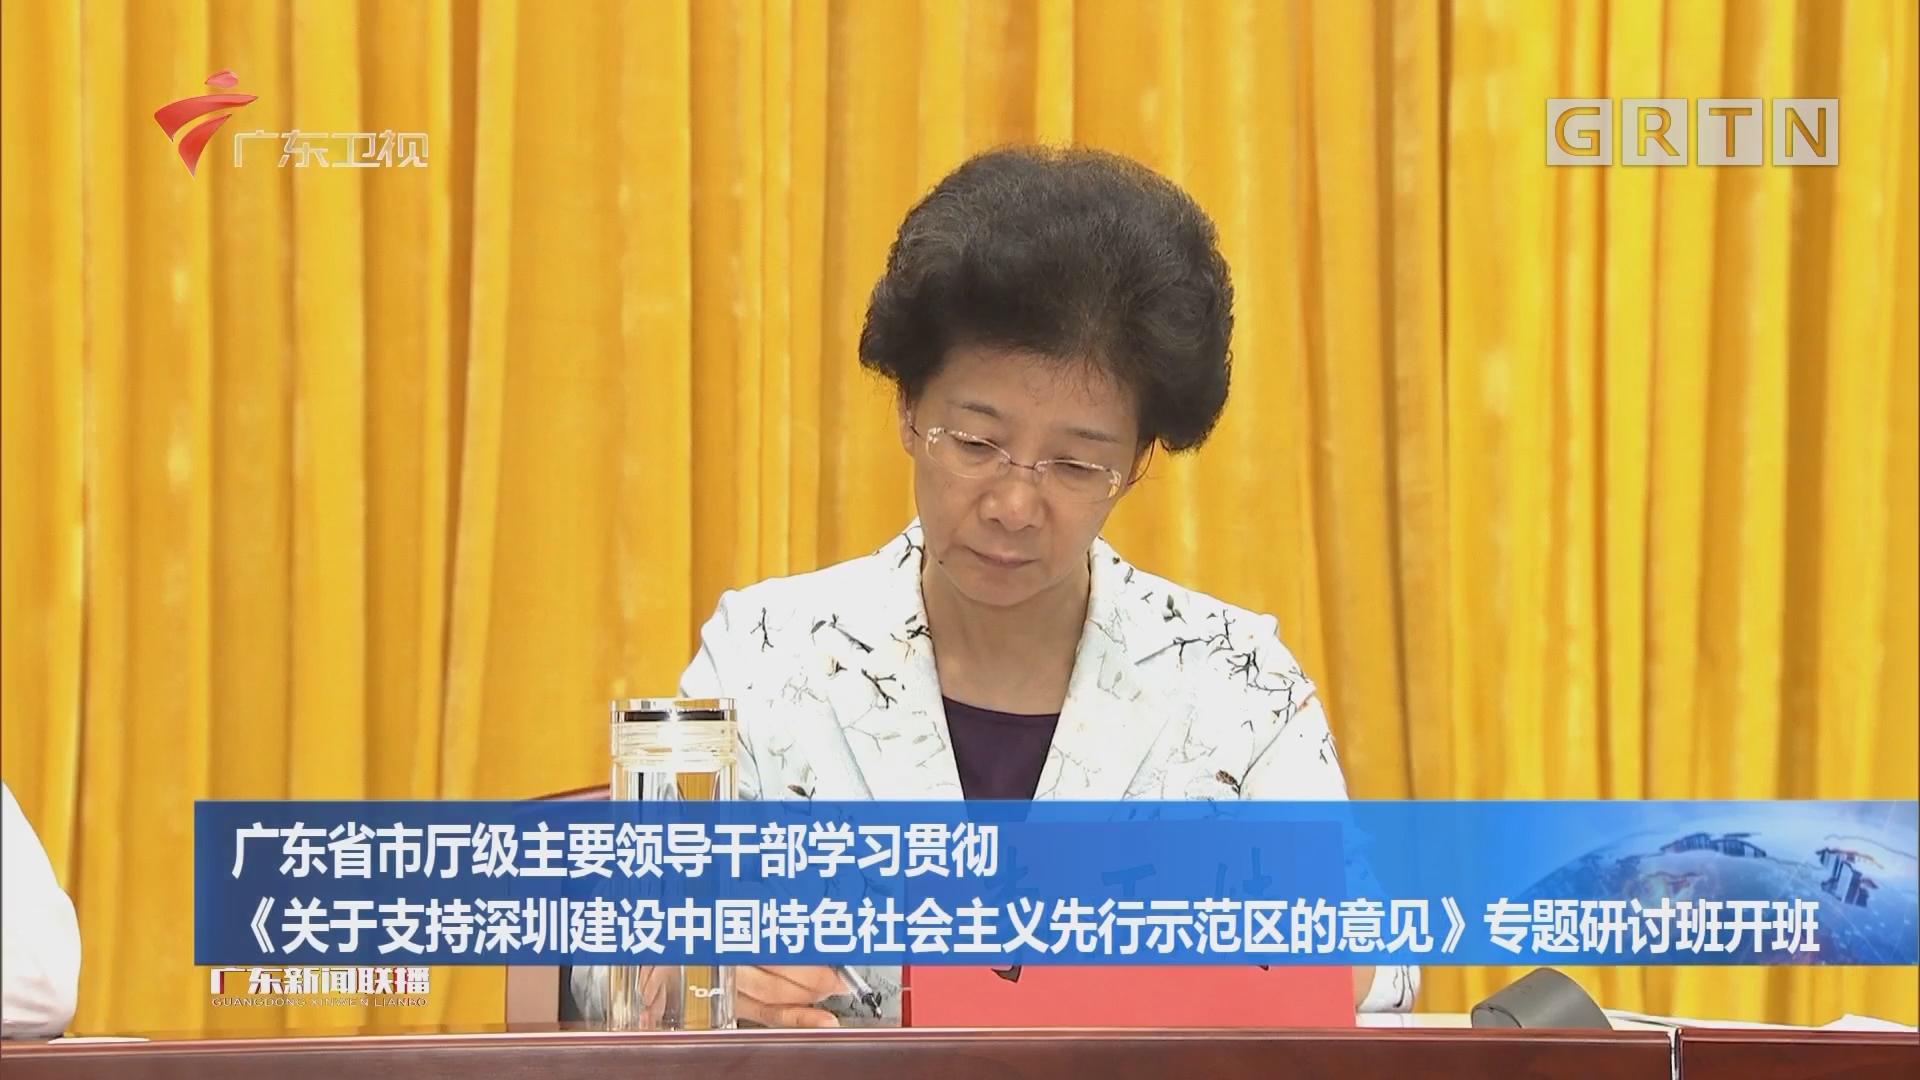 广东省市厅级主要领导干部学习贯彻《关于支持深圳建设中国特色社会主义先行示范区的意见》专题研讨班开班